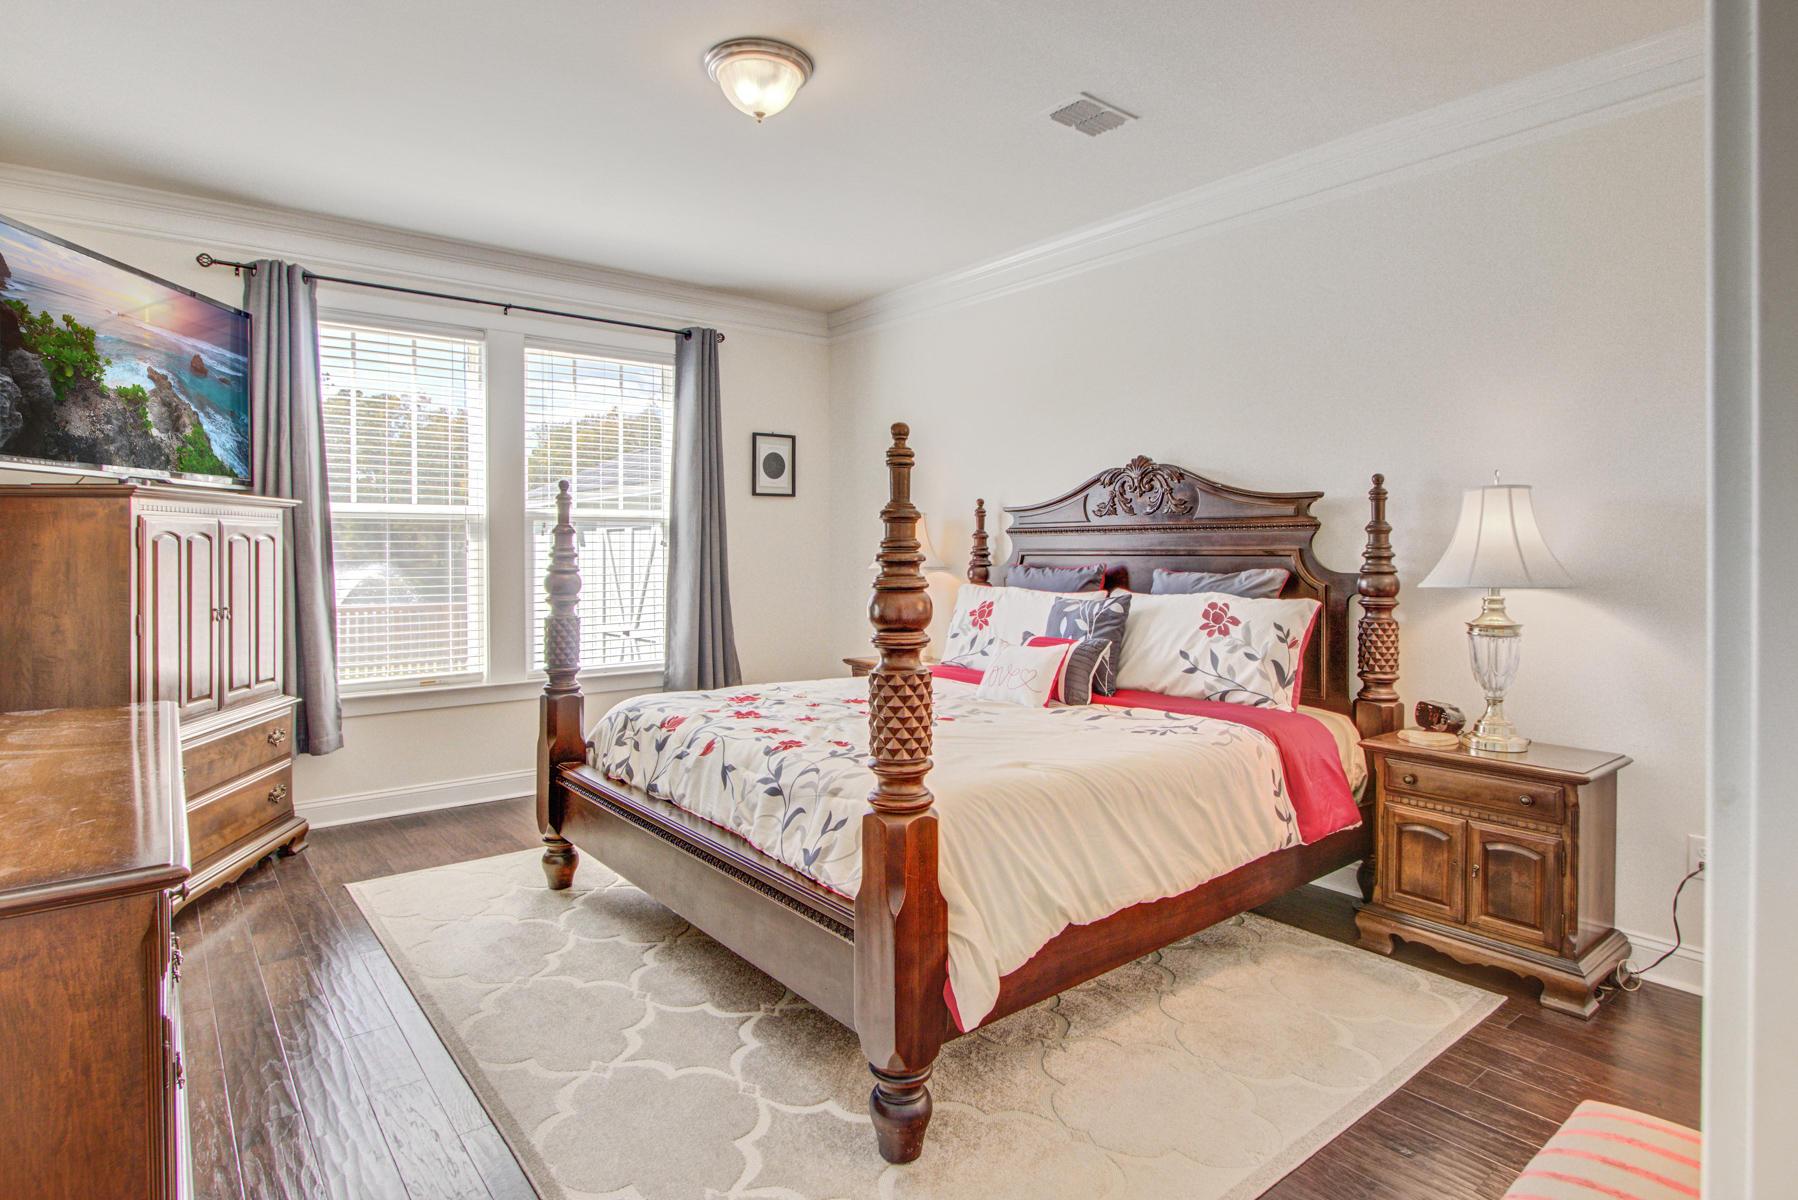 Magnolia Village Homes For Sale - 1309 Enfield, Mount Pleasant, SC - 24